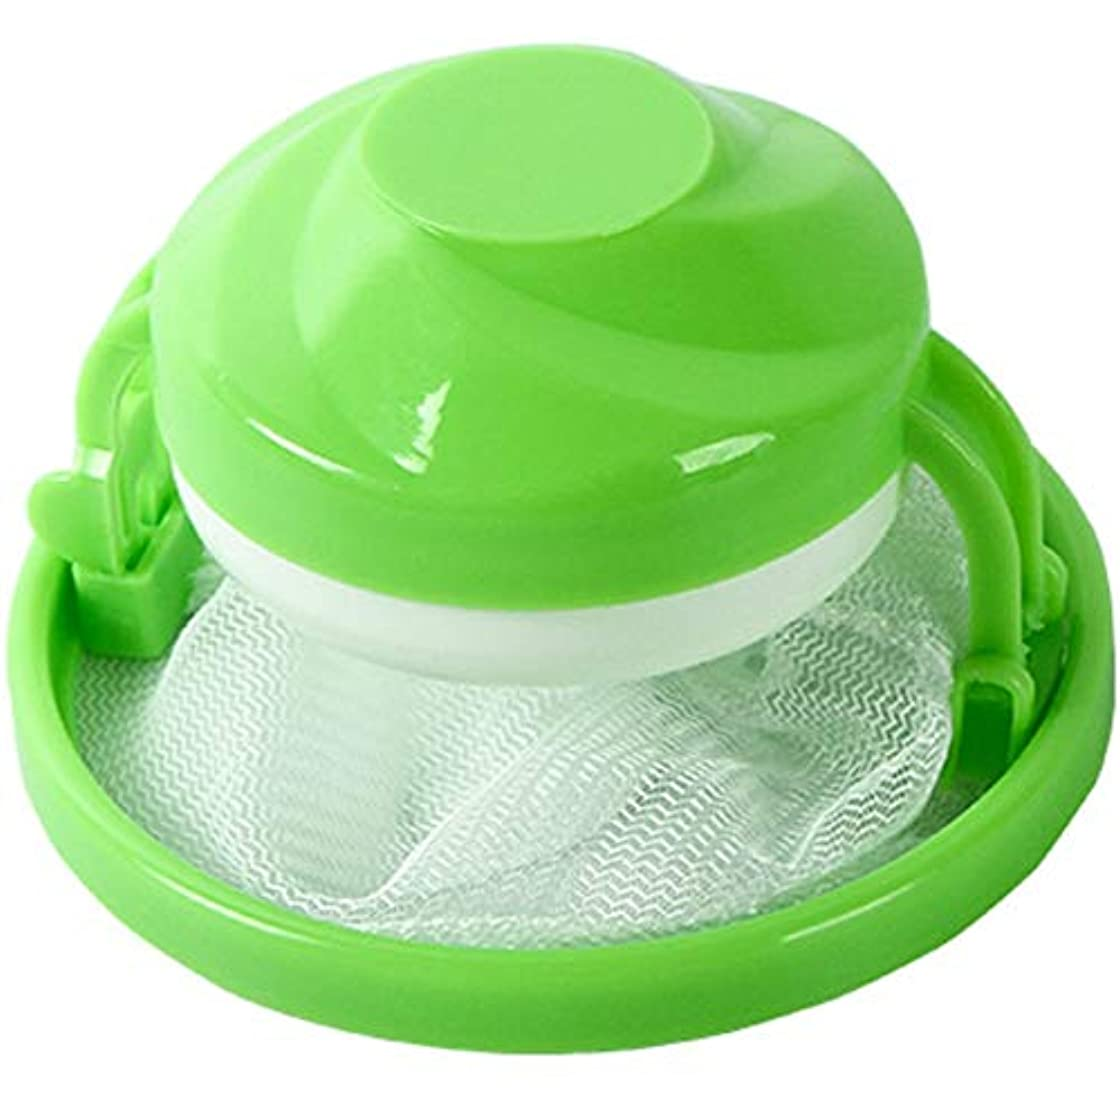 断片アルプスキッチンACHICOO ヘア リムーバー 洗濯機用 リント&ペット用 フローティング 緑